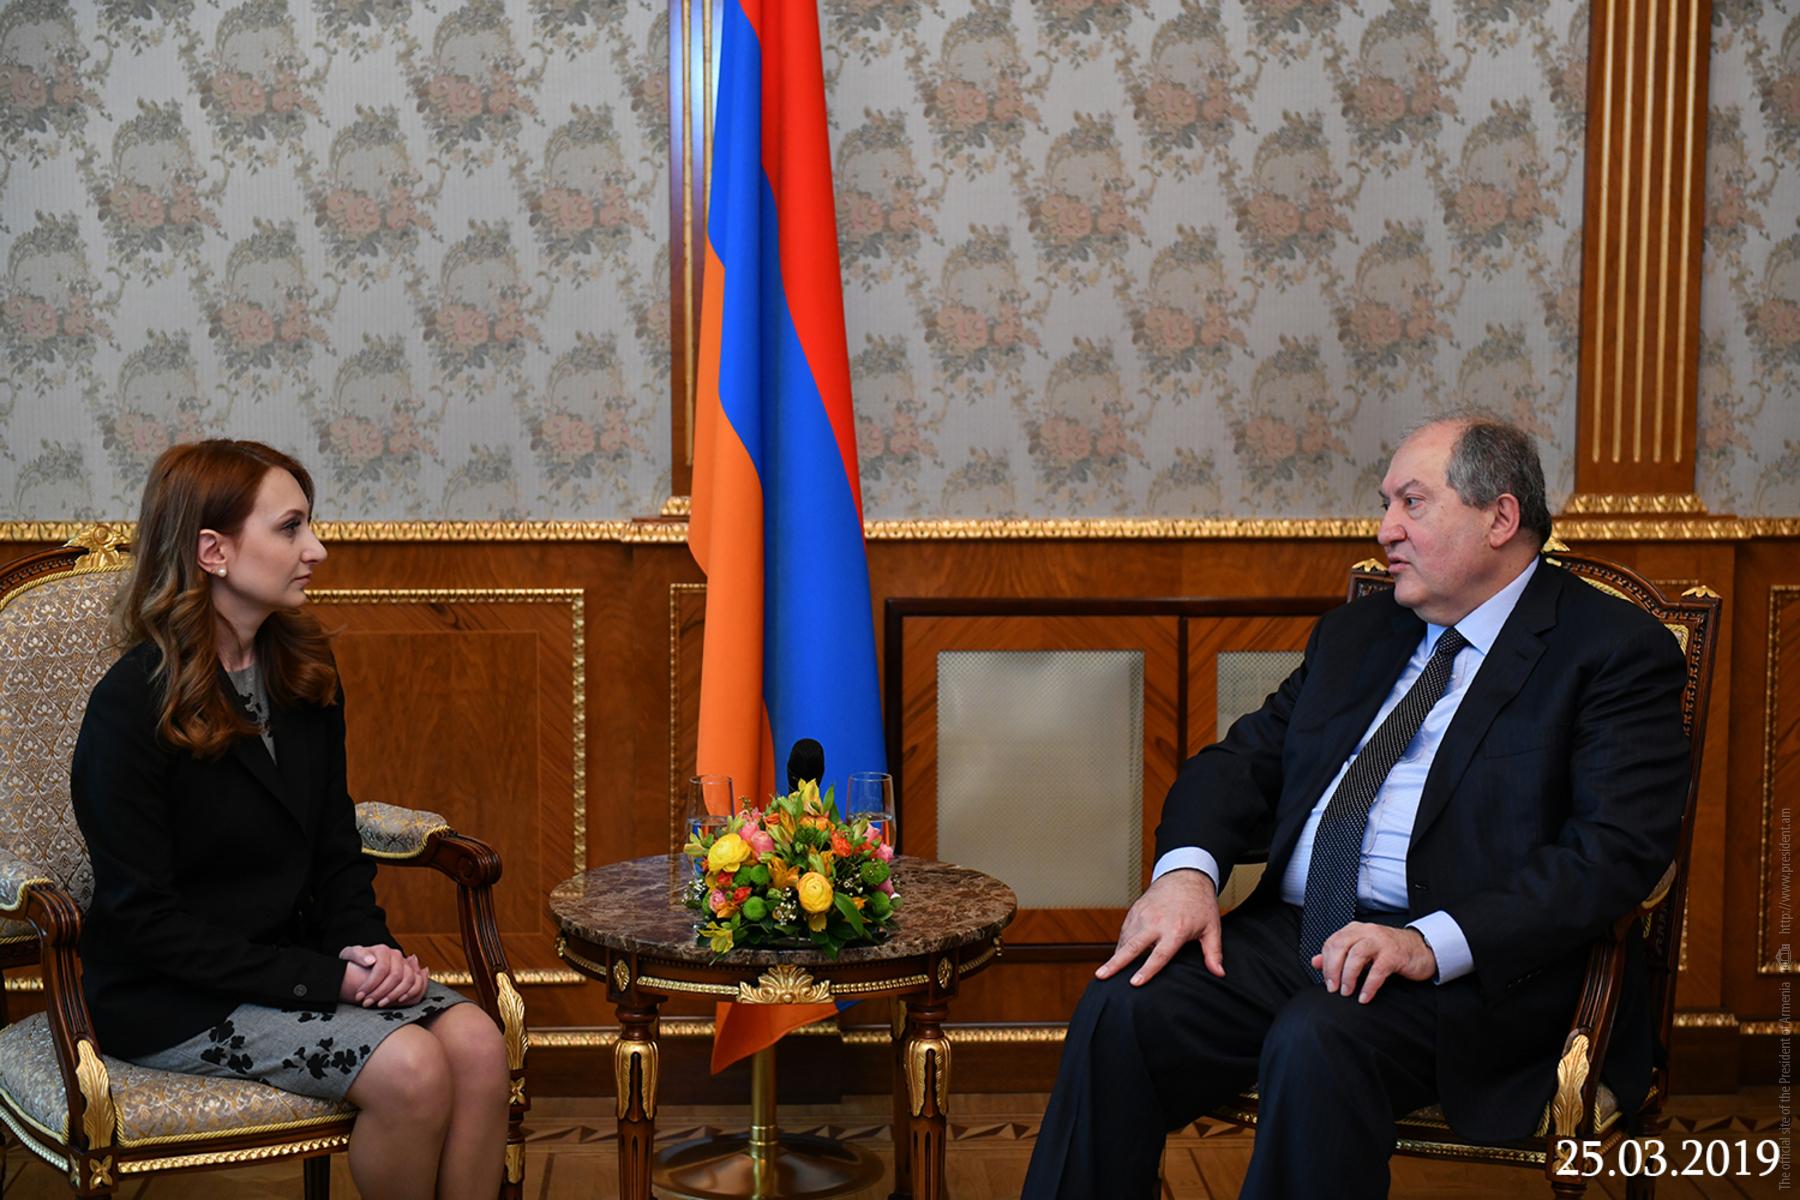 Photo of Նախագահ Արմեն Սարգսյանը հանդիպել է «Իմ քայլը» խմբակցության ղեկավար Լիլիթ Մակունցի հետ